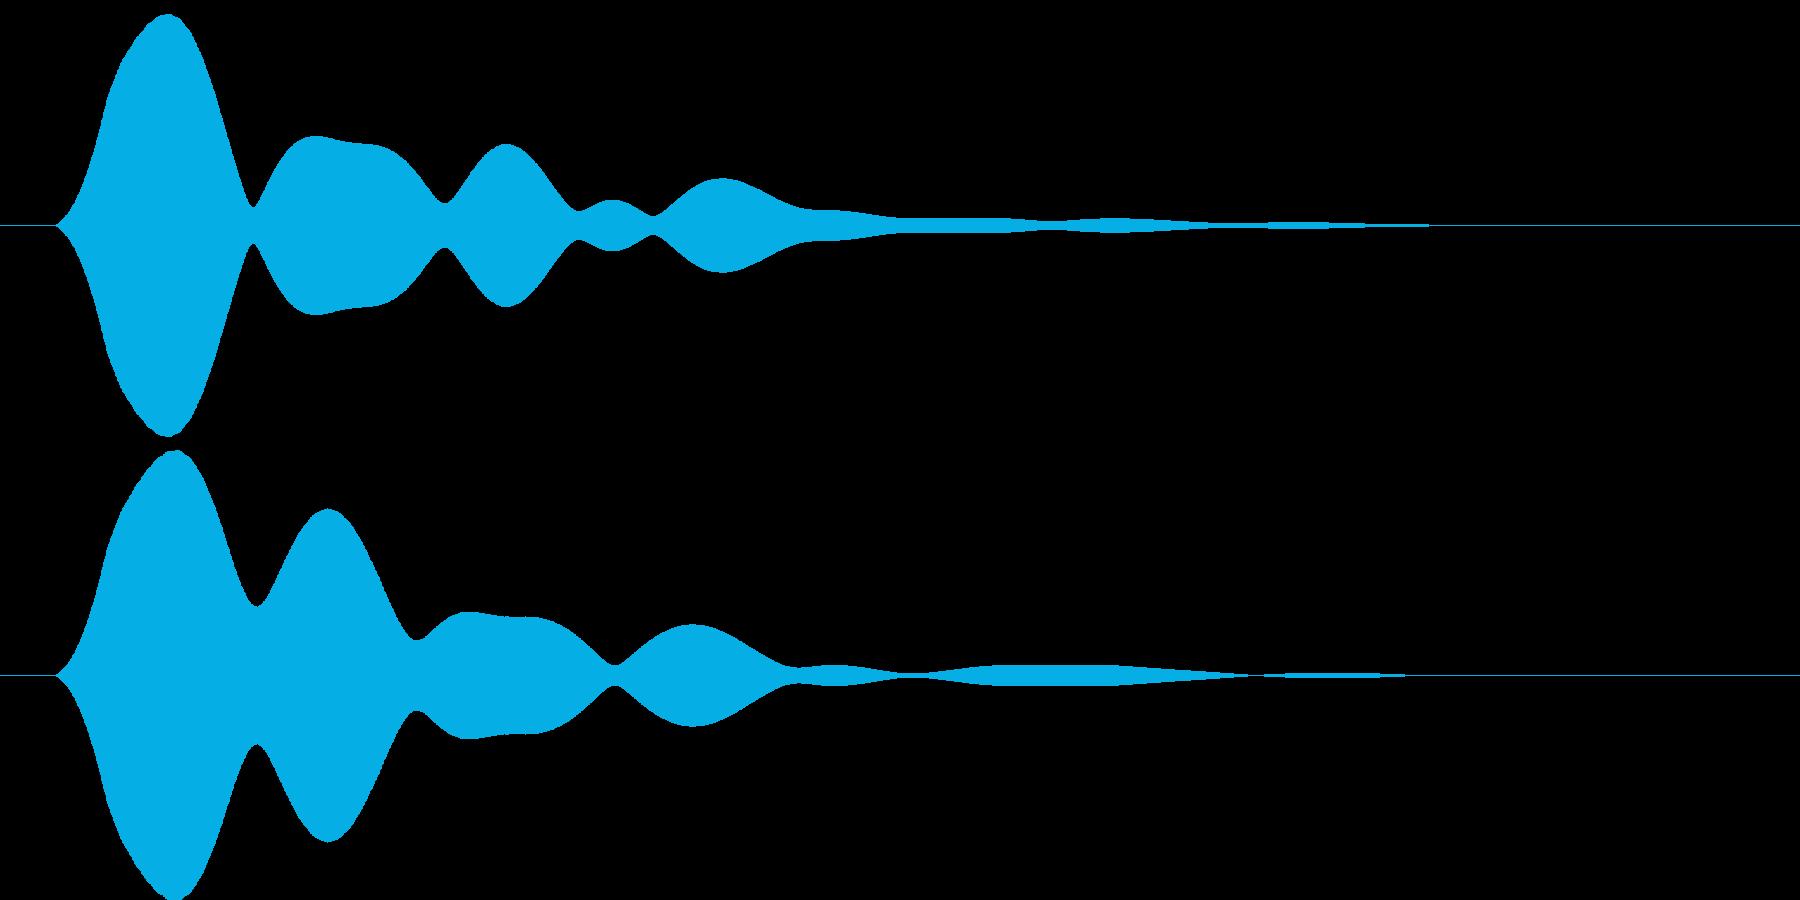 フィン【神秘的で優しい光を放つ音】の再生済みの波形